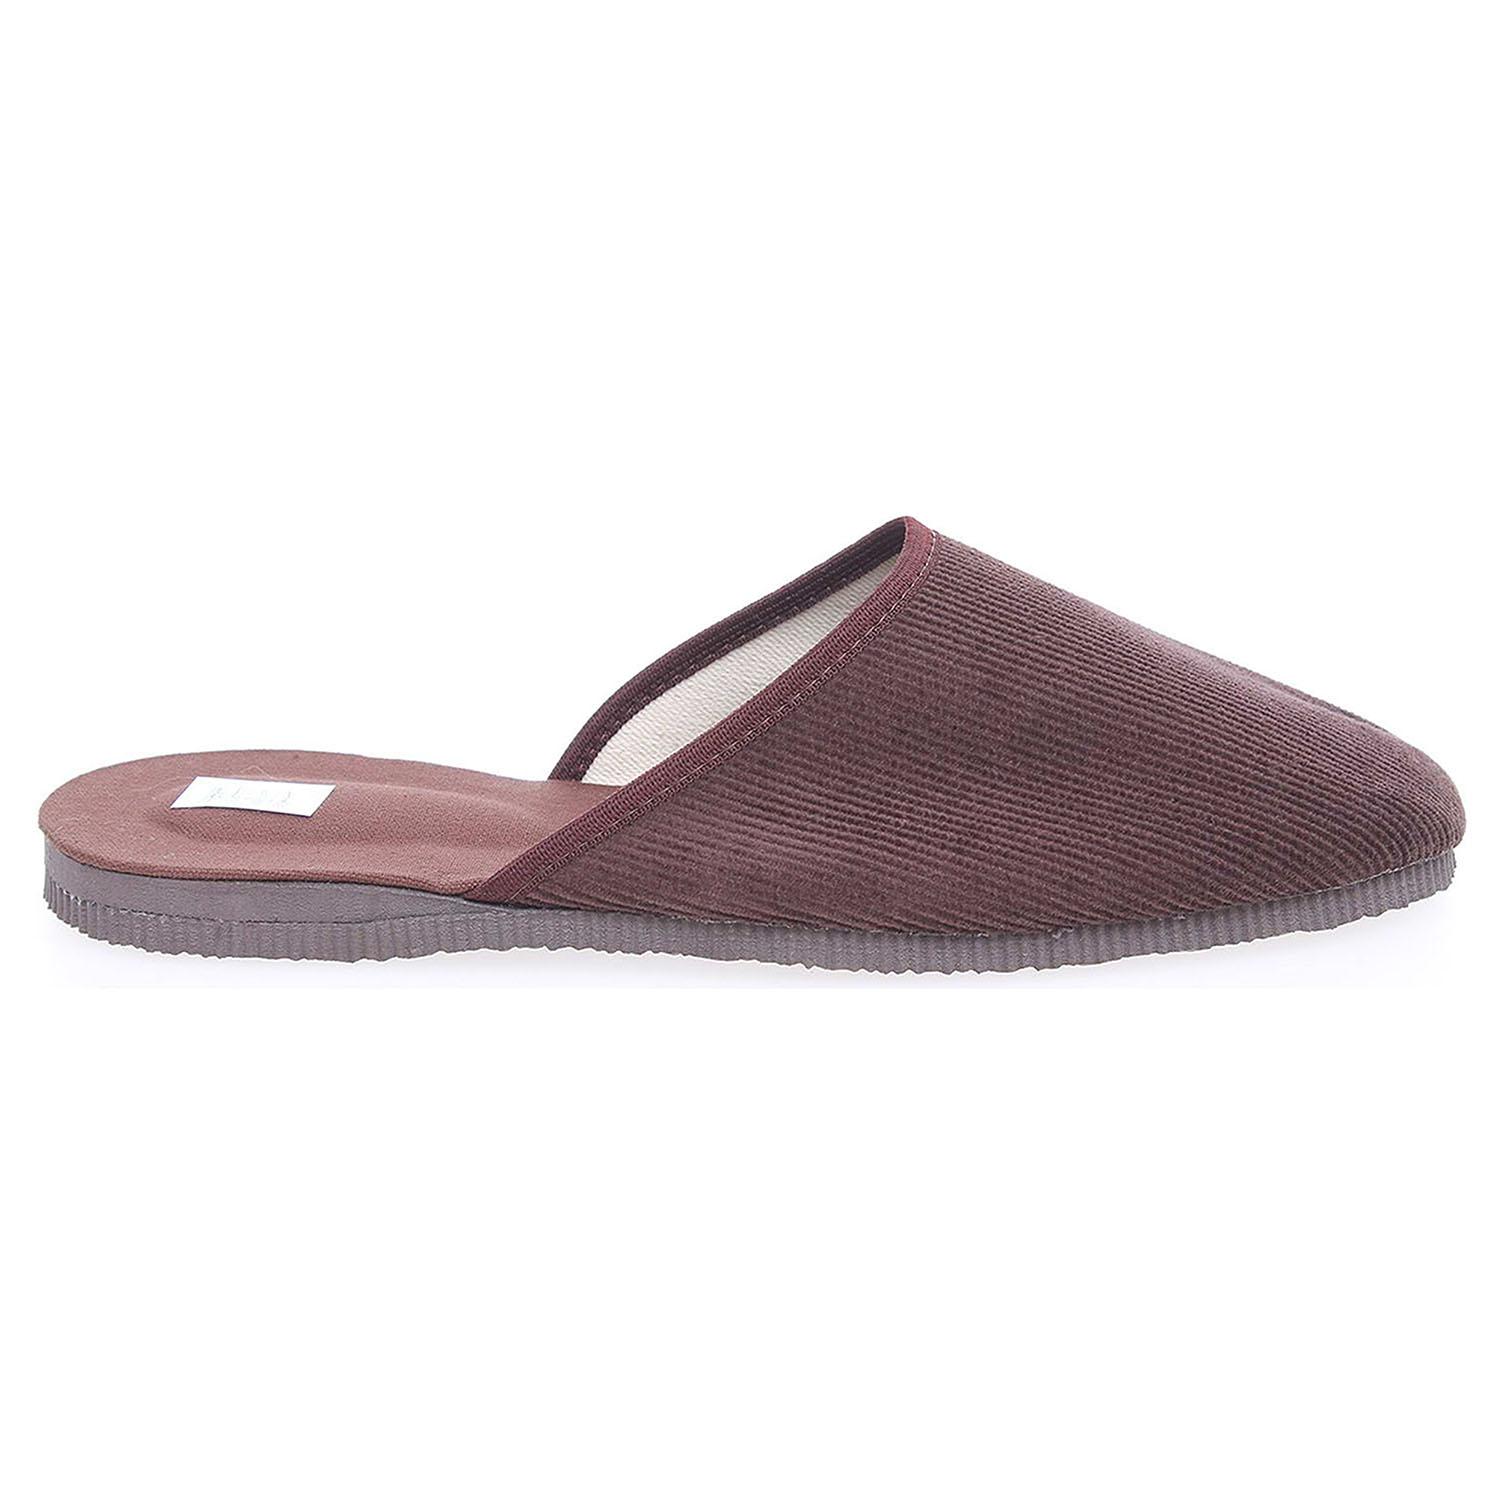 Ecco Pánské domácí pantofle 1009.00 hnědé 24800064